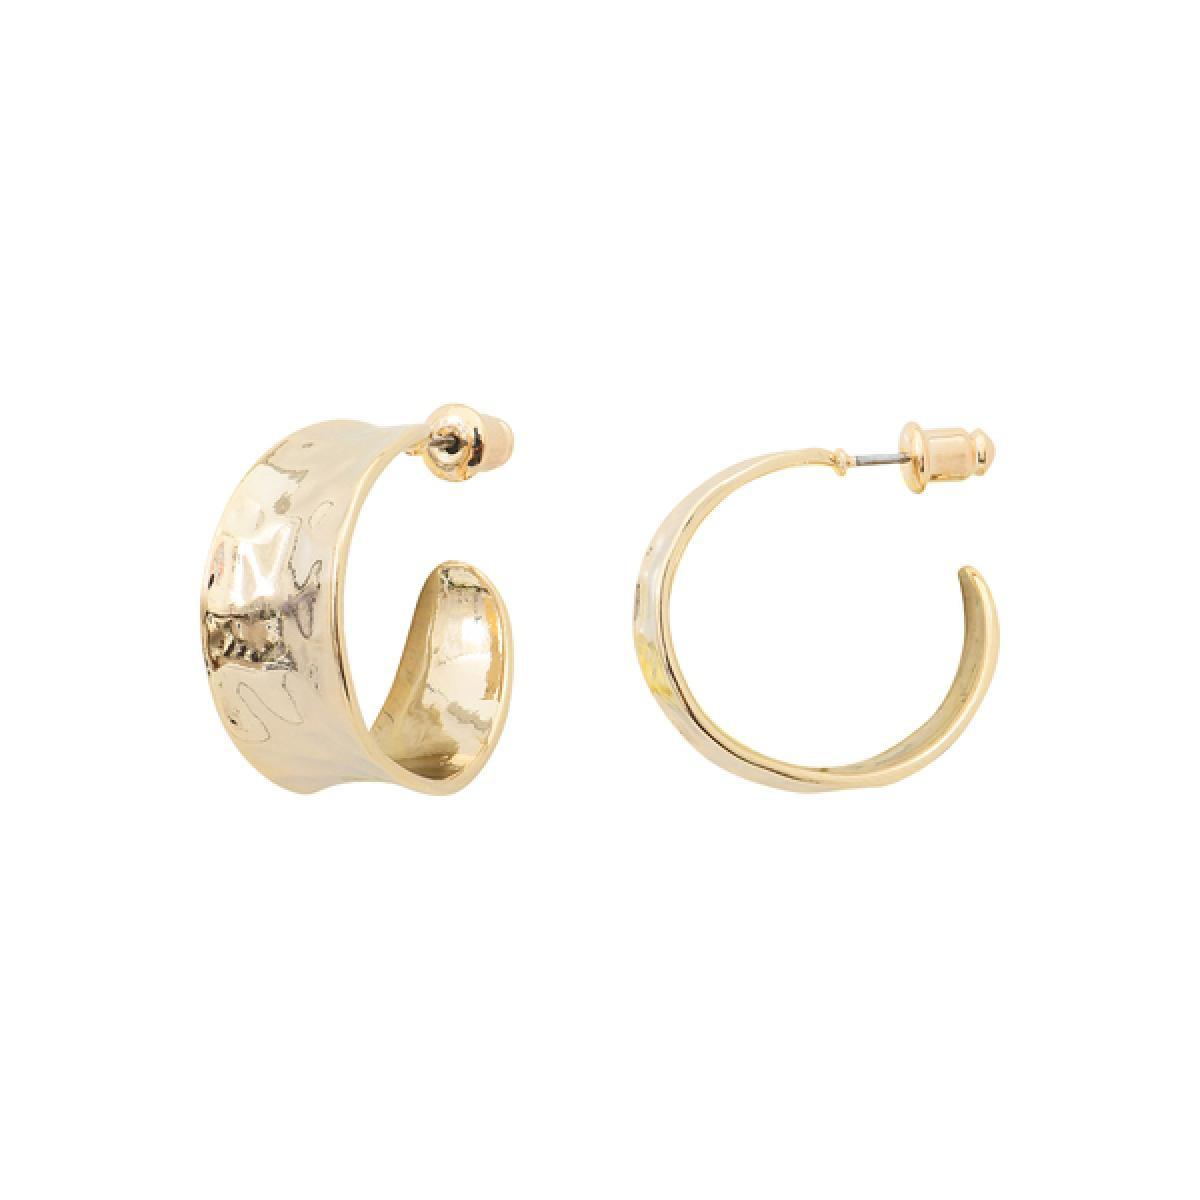 Boucles d'oreilles Clyda Bijoux BCL0143D - 3 suisses - Modalova